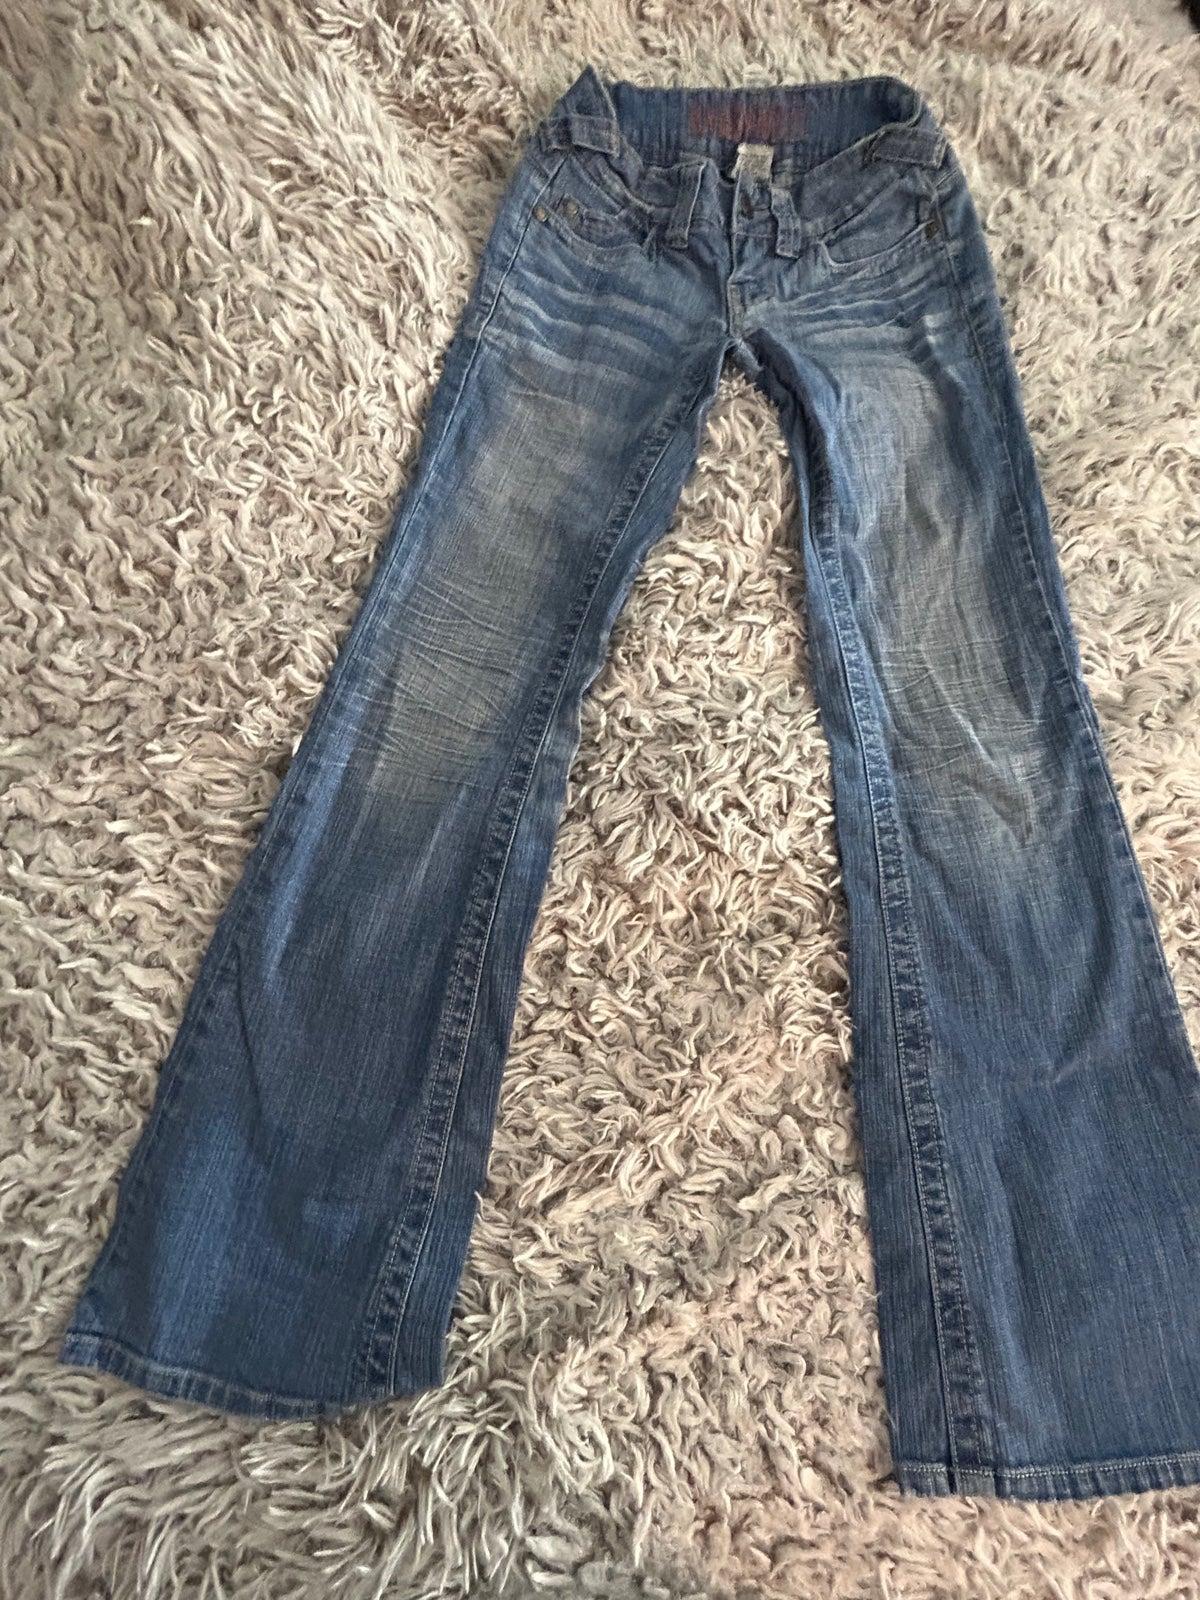 Women's Hydraulic boot cut Jeans, 1/2